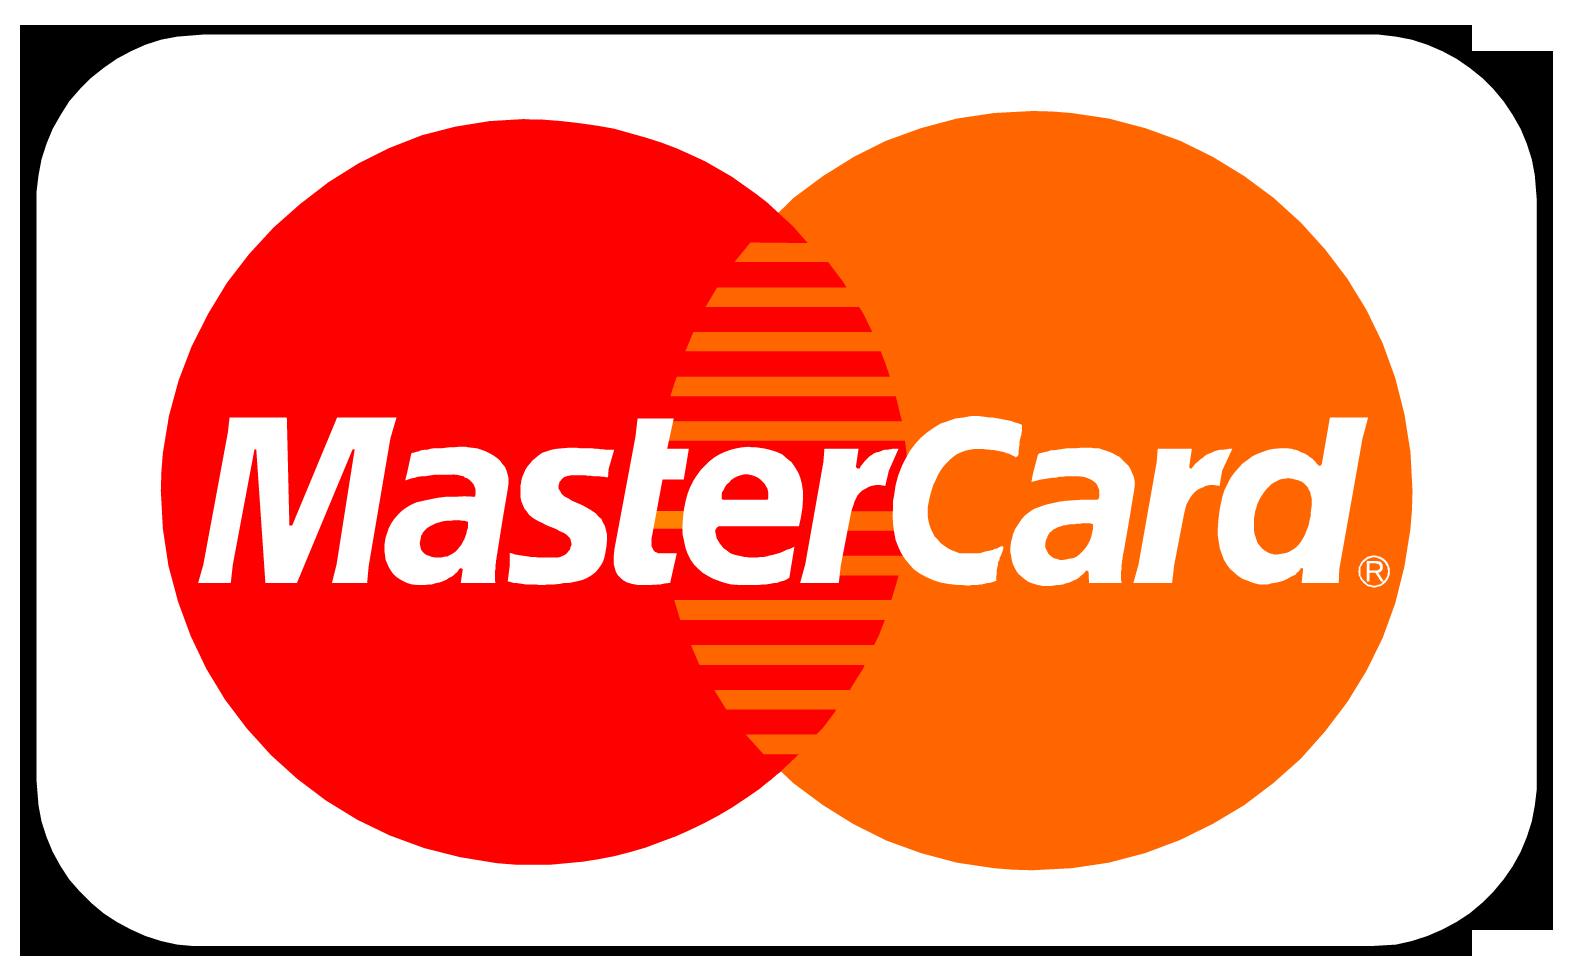 Download PNG Image - Mastercard Png - Mastercard HD PNG